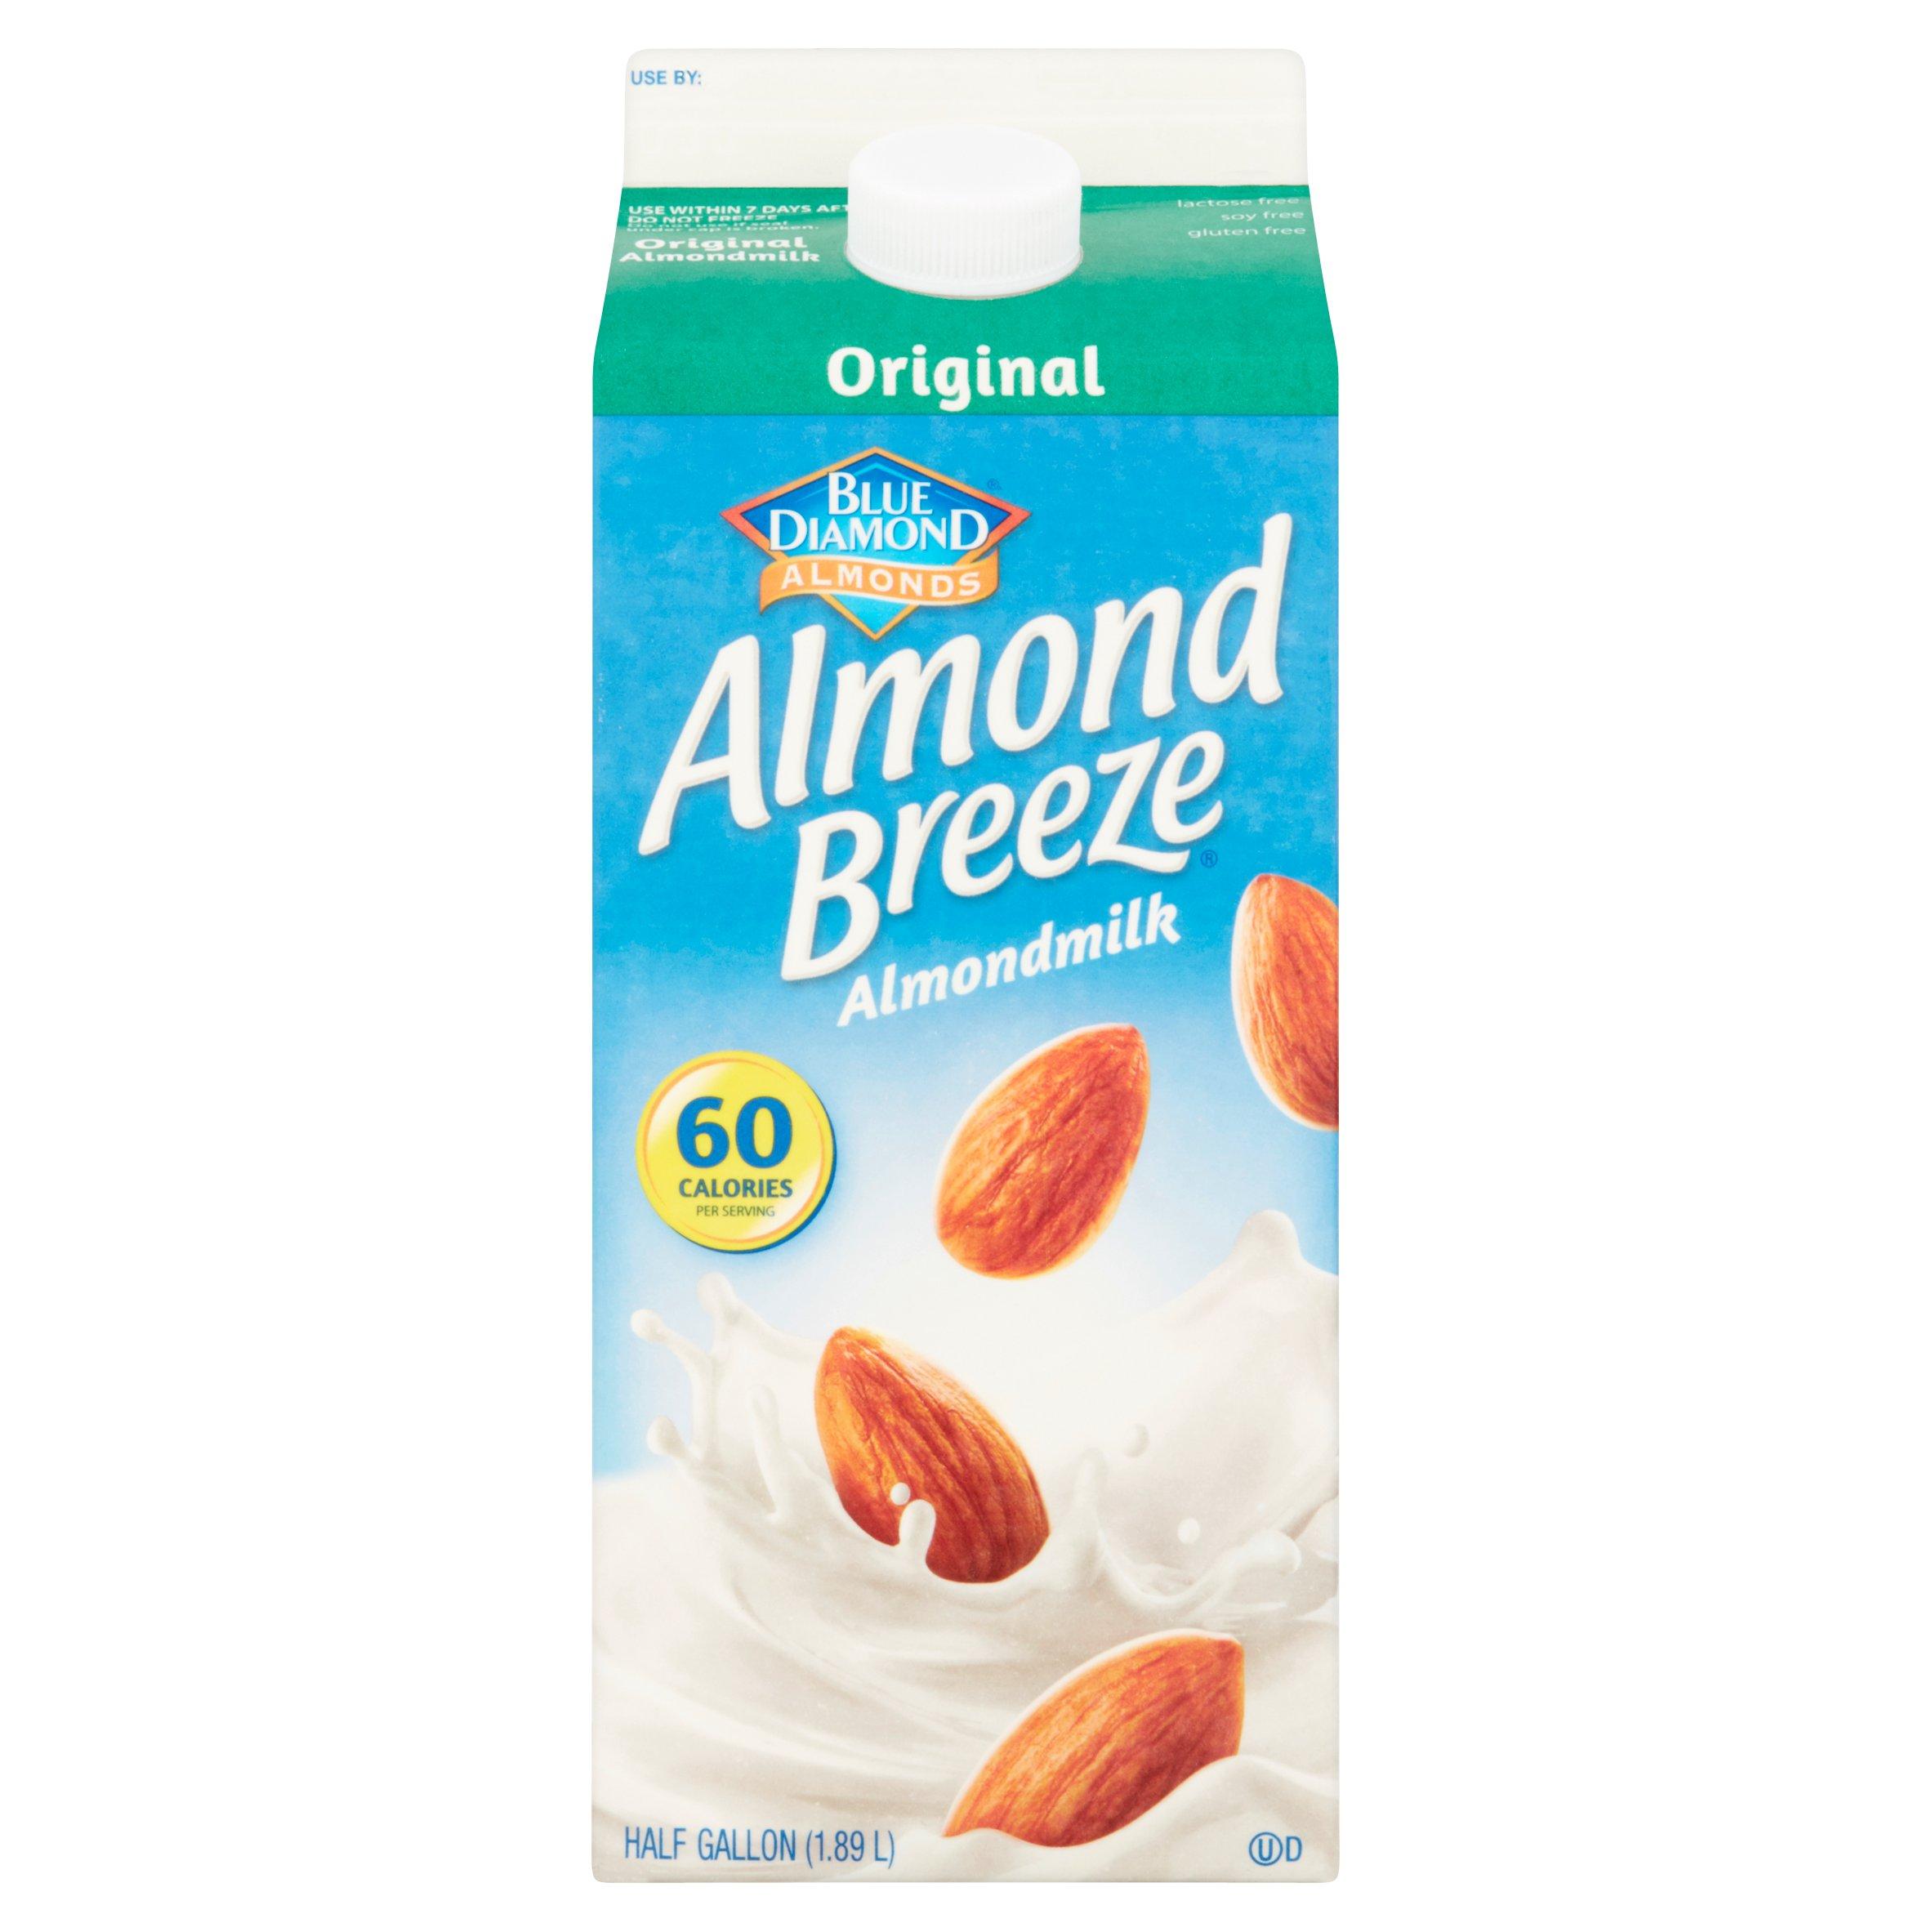 Almond Breeze Almond Milk Original, 64 oz